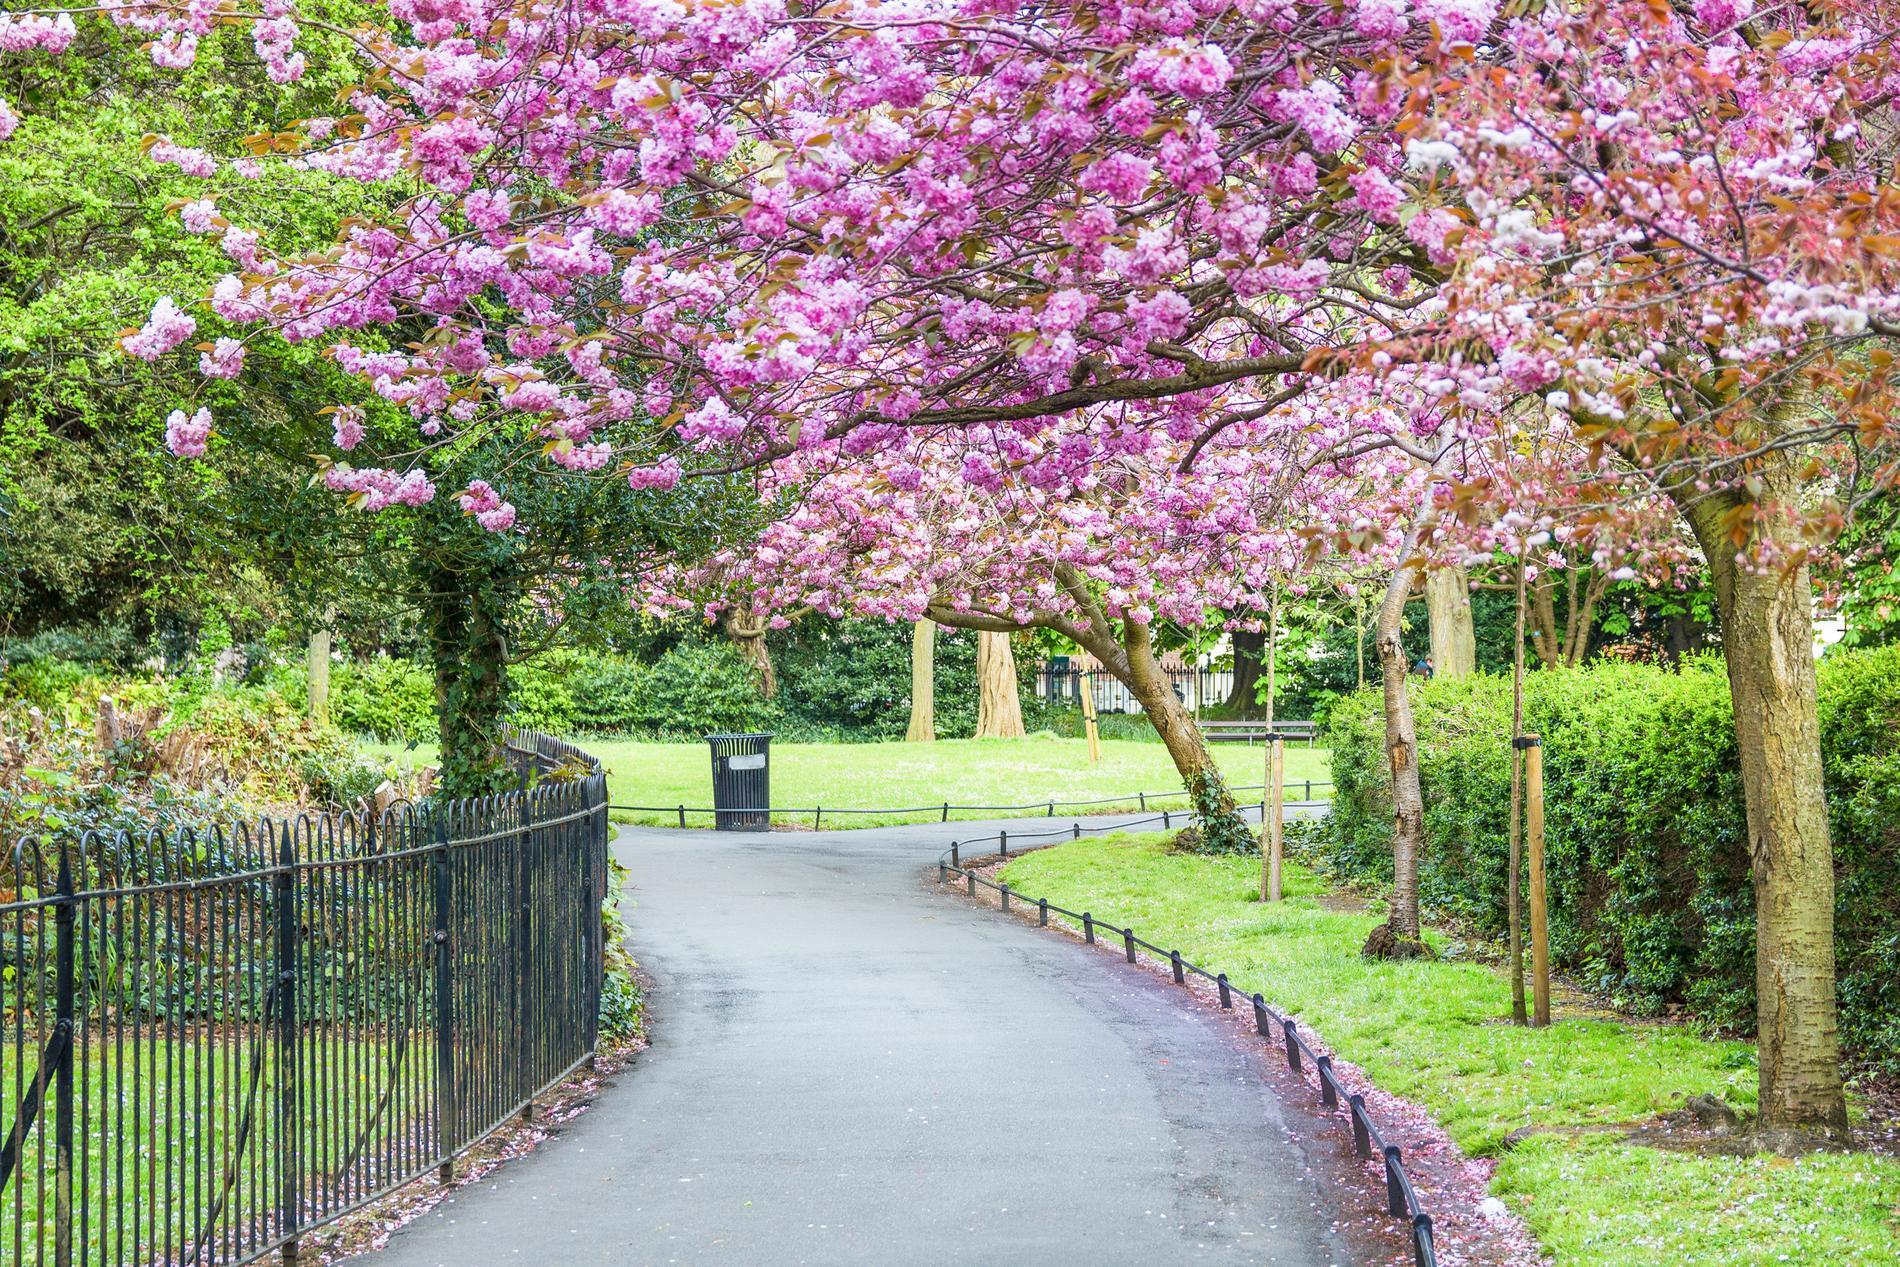 St. Stevens green är en härlig oas i Dublin.